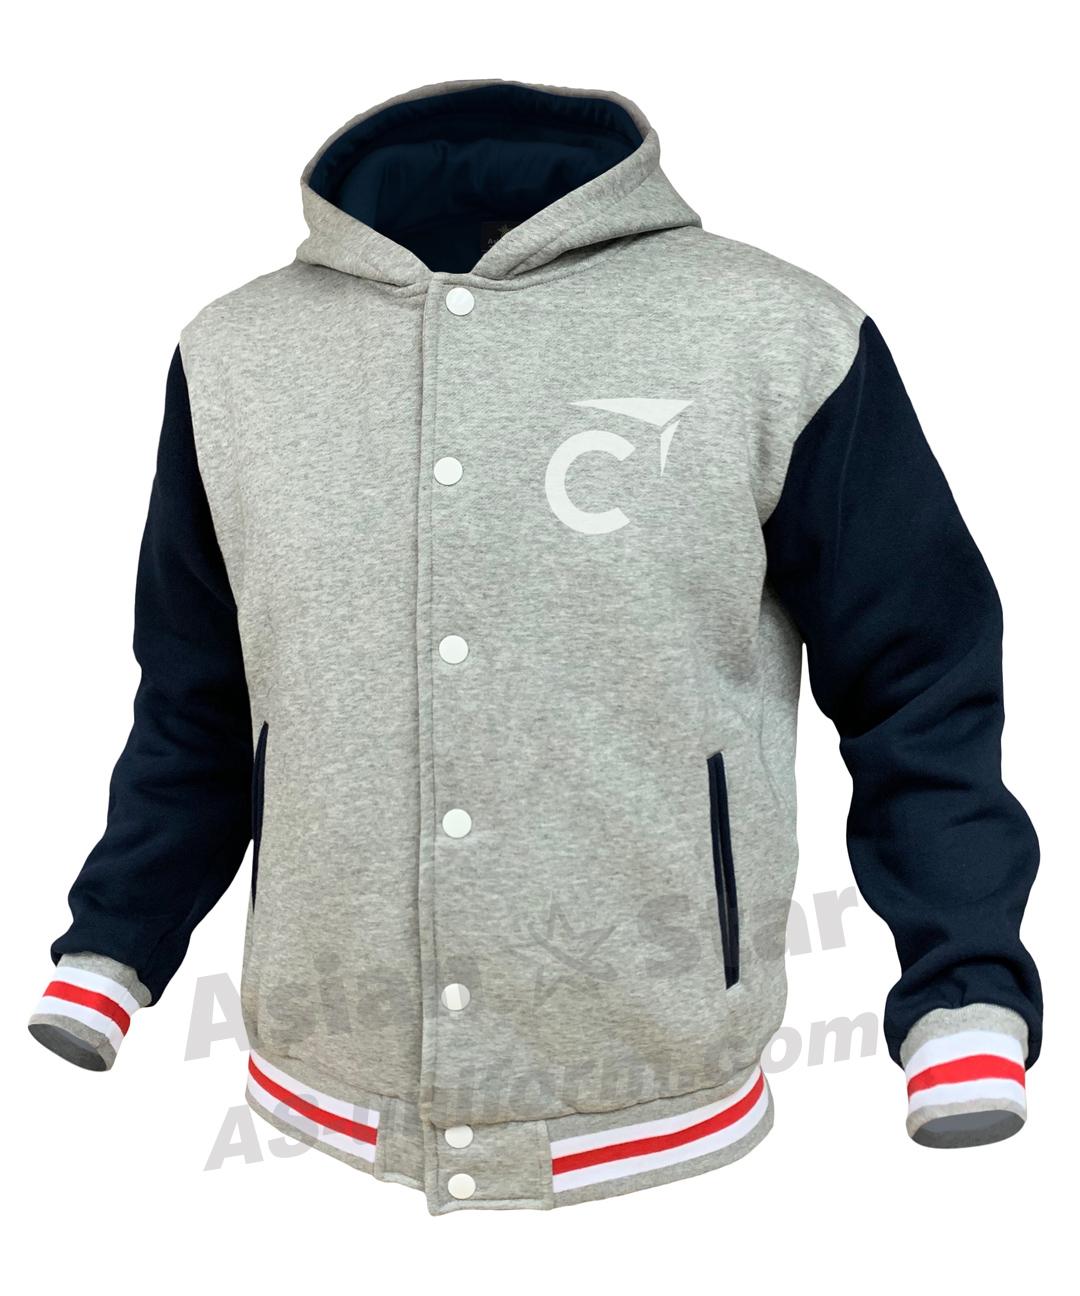 訂造棒球褸衛衣AS308